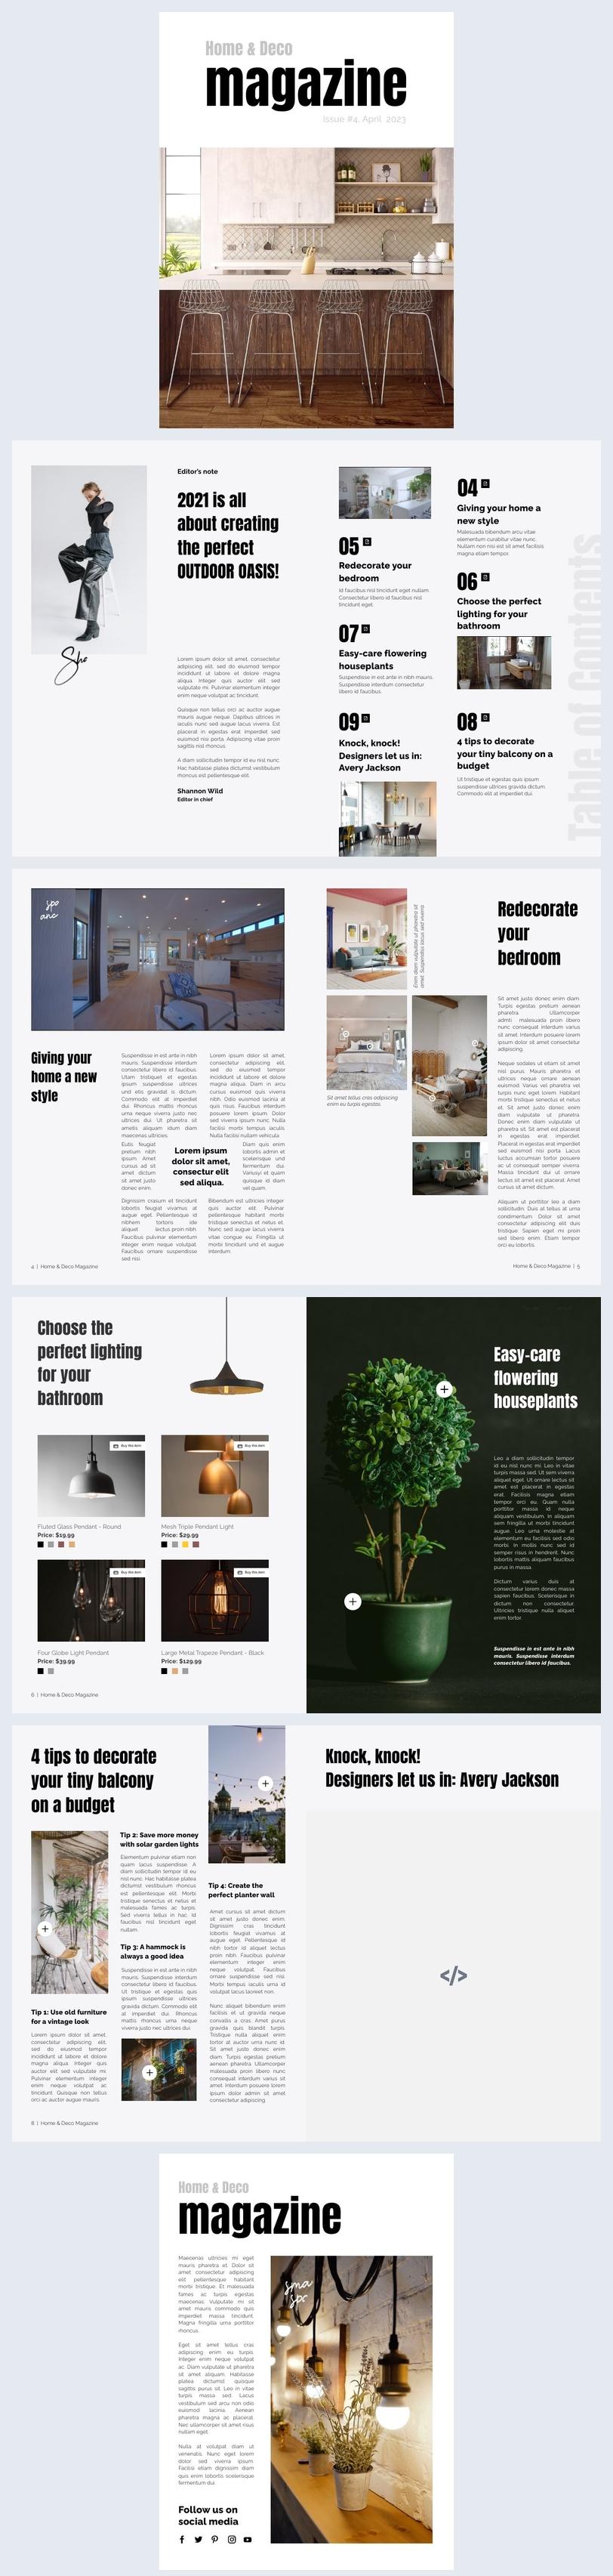 Exemplo de Design de Revista Eletrônica Interativa